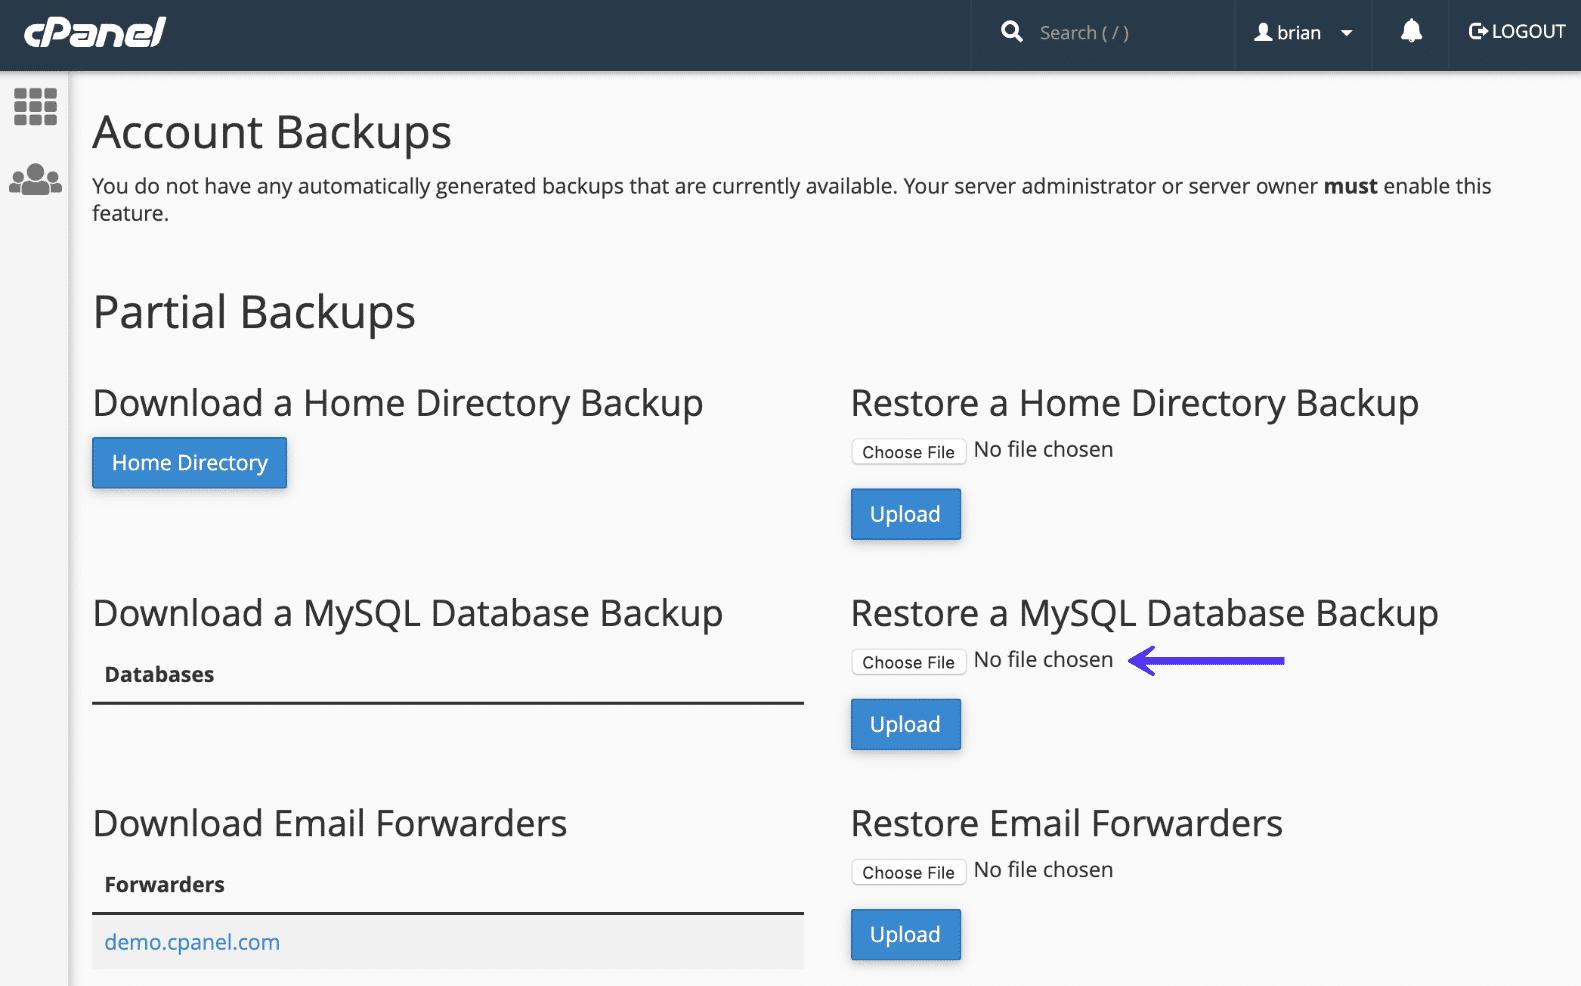 cPanel restaurando el respaldo de la base de datos de MySQL